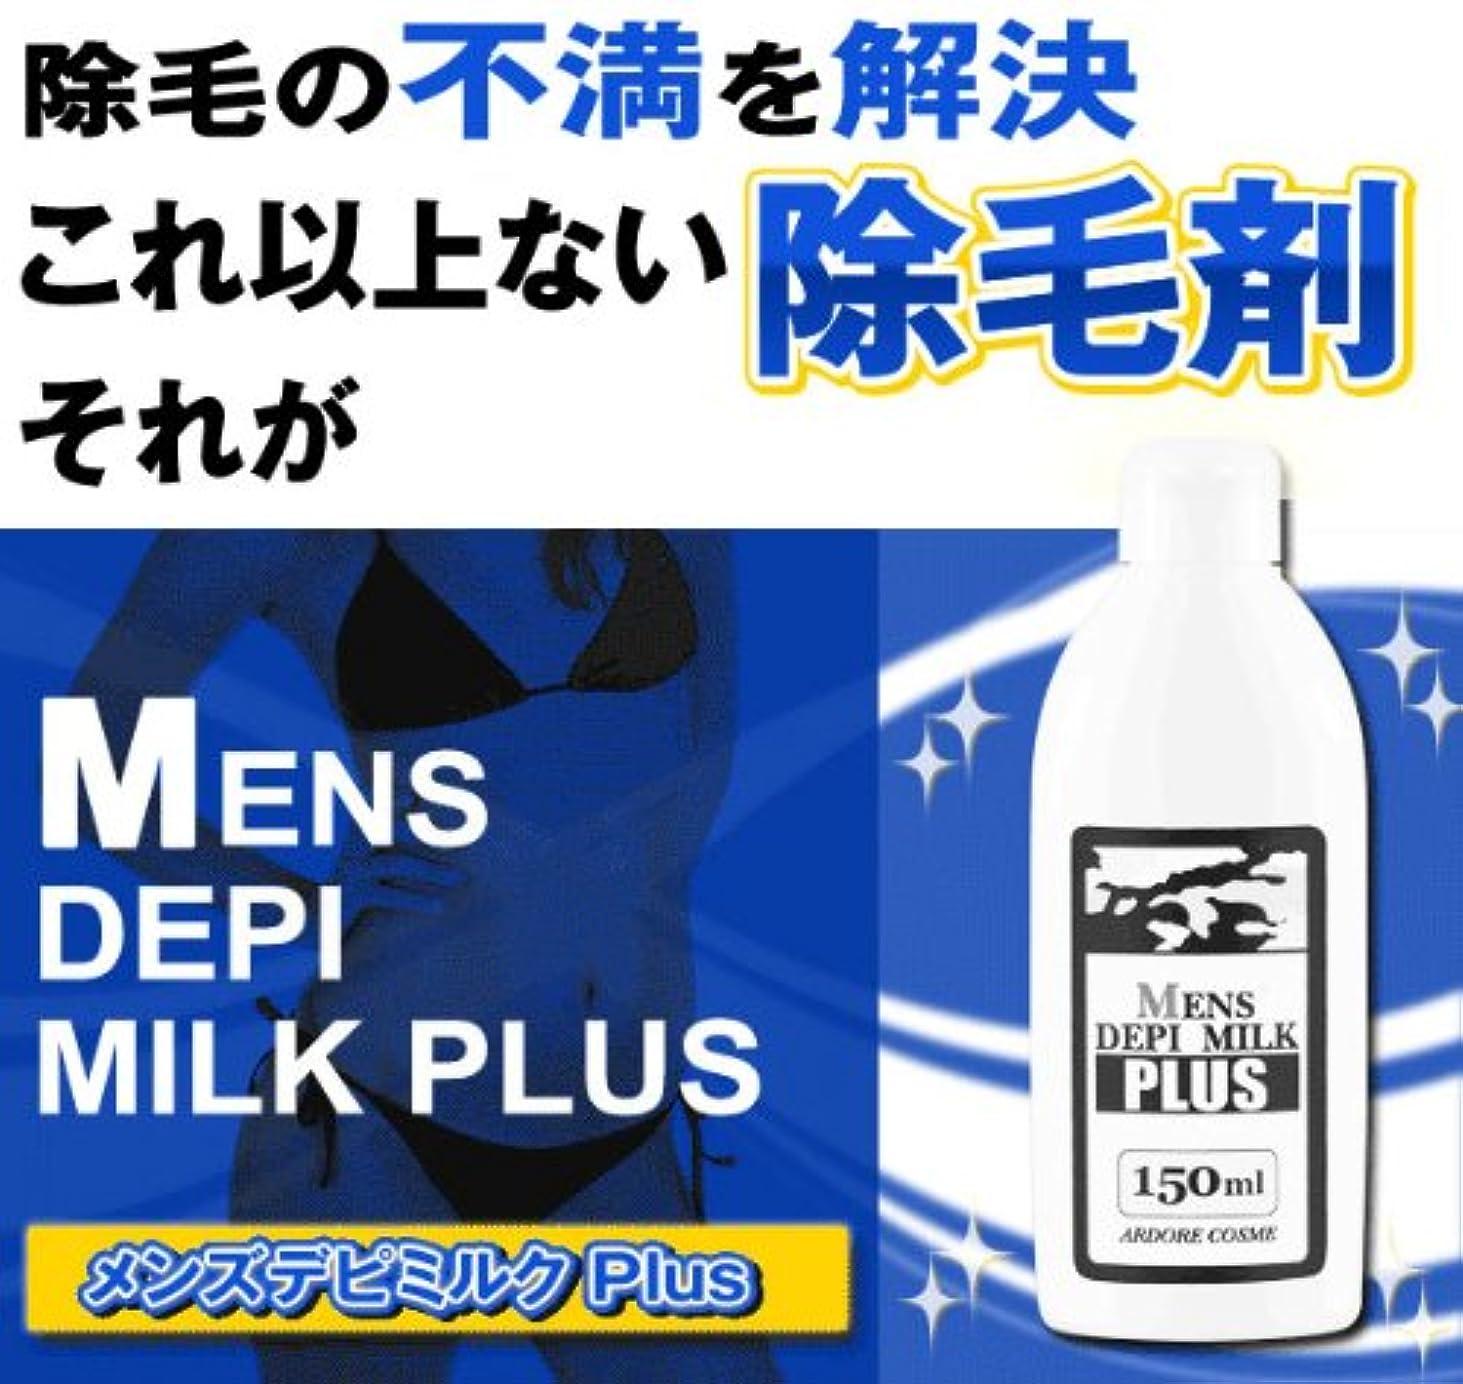 マチュピチュギャラントリーフォージ薬用メンズデピミルクプラス 150ml(薬用除毛クリーム)医薬部外品